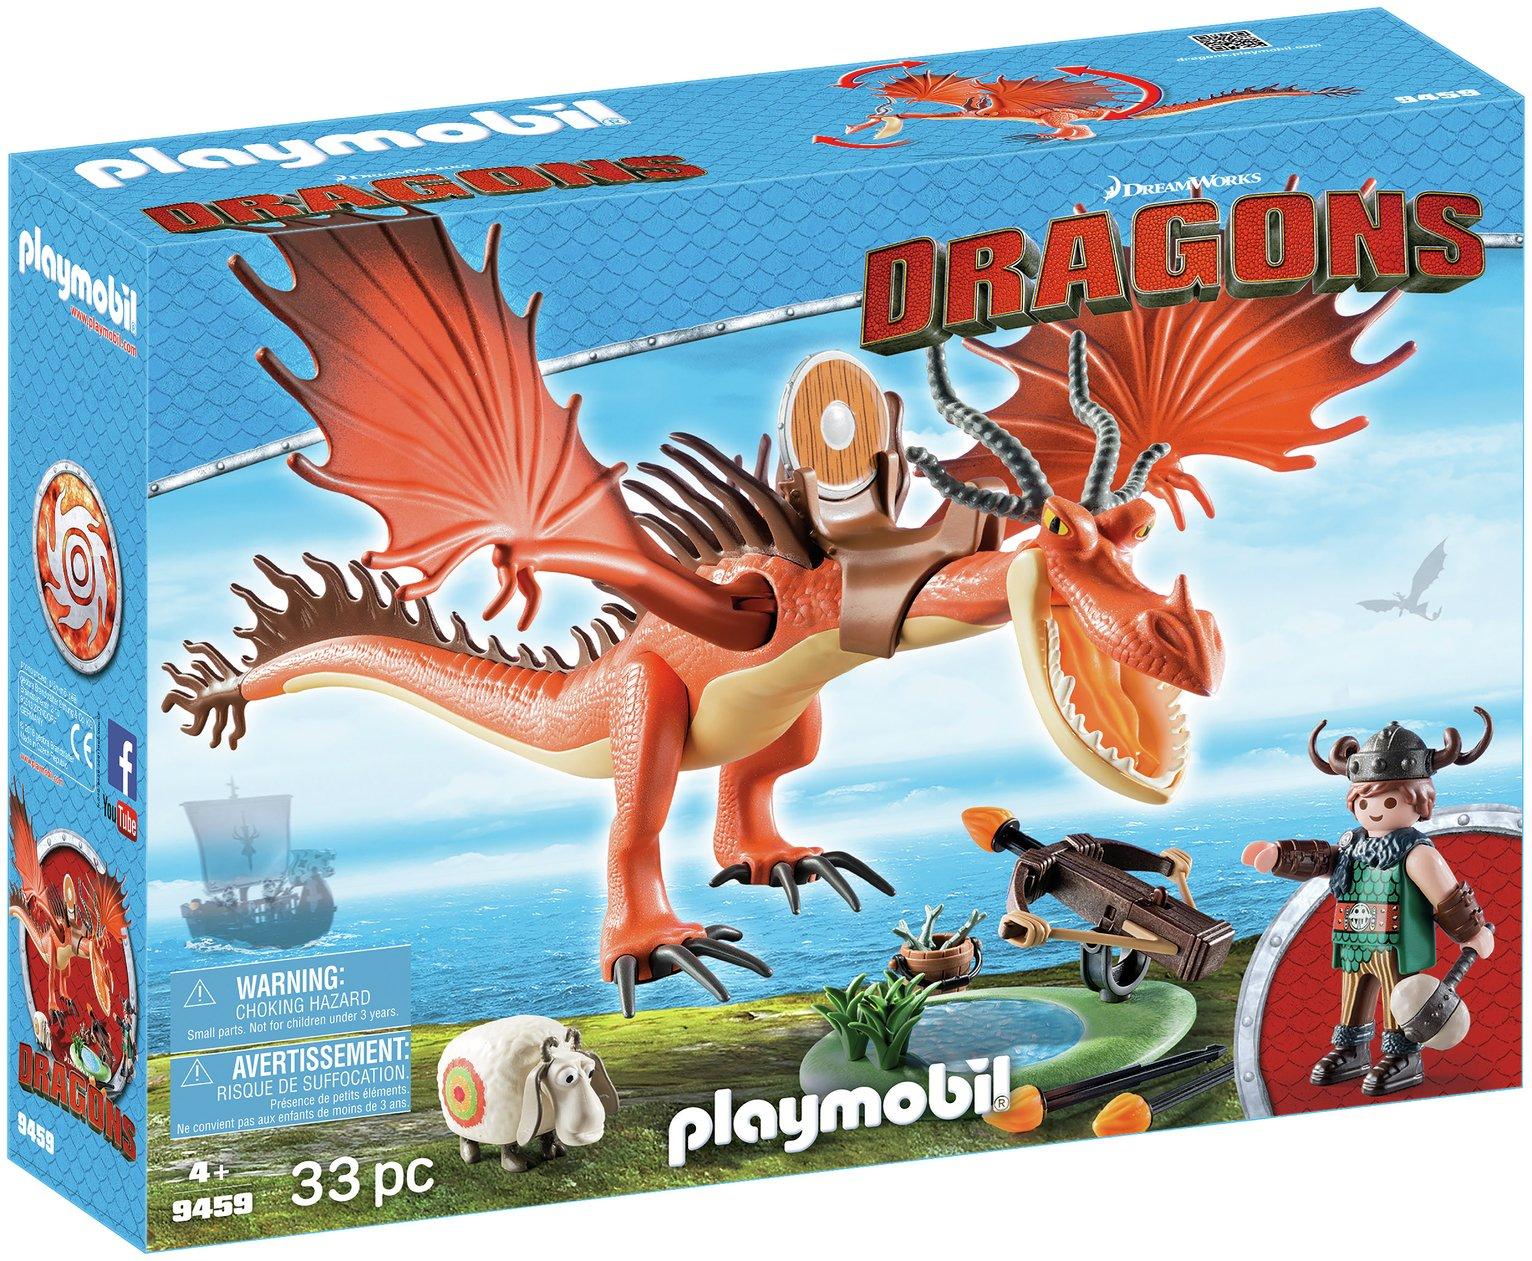 Playmobil 9459 Dragons Snotlout And Hookfang